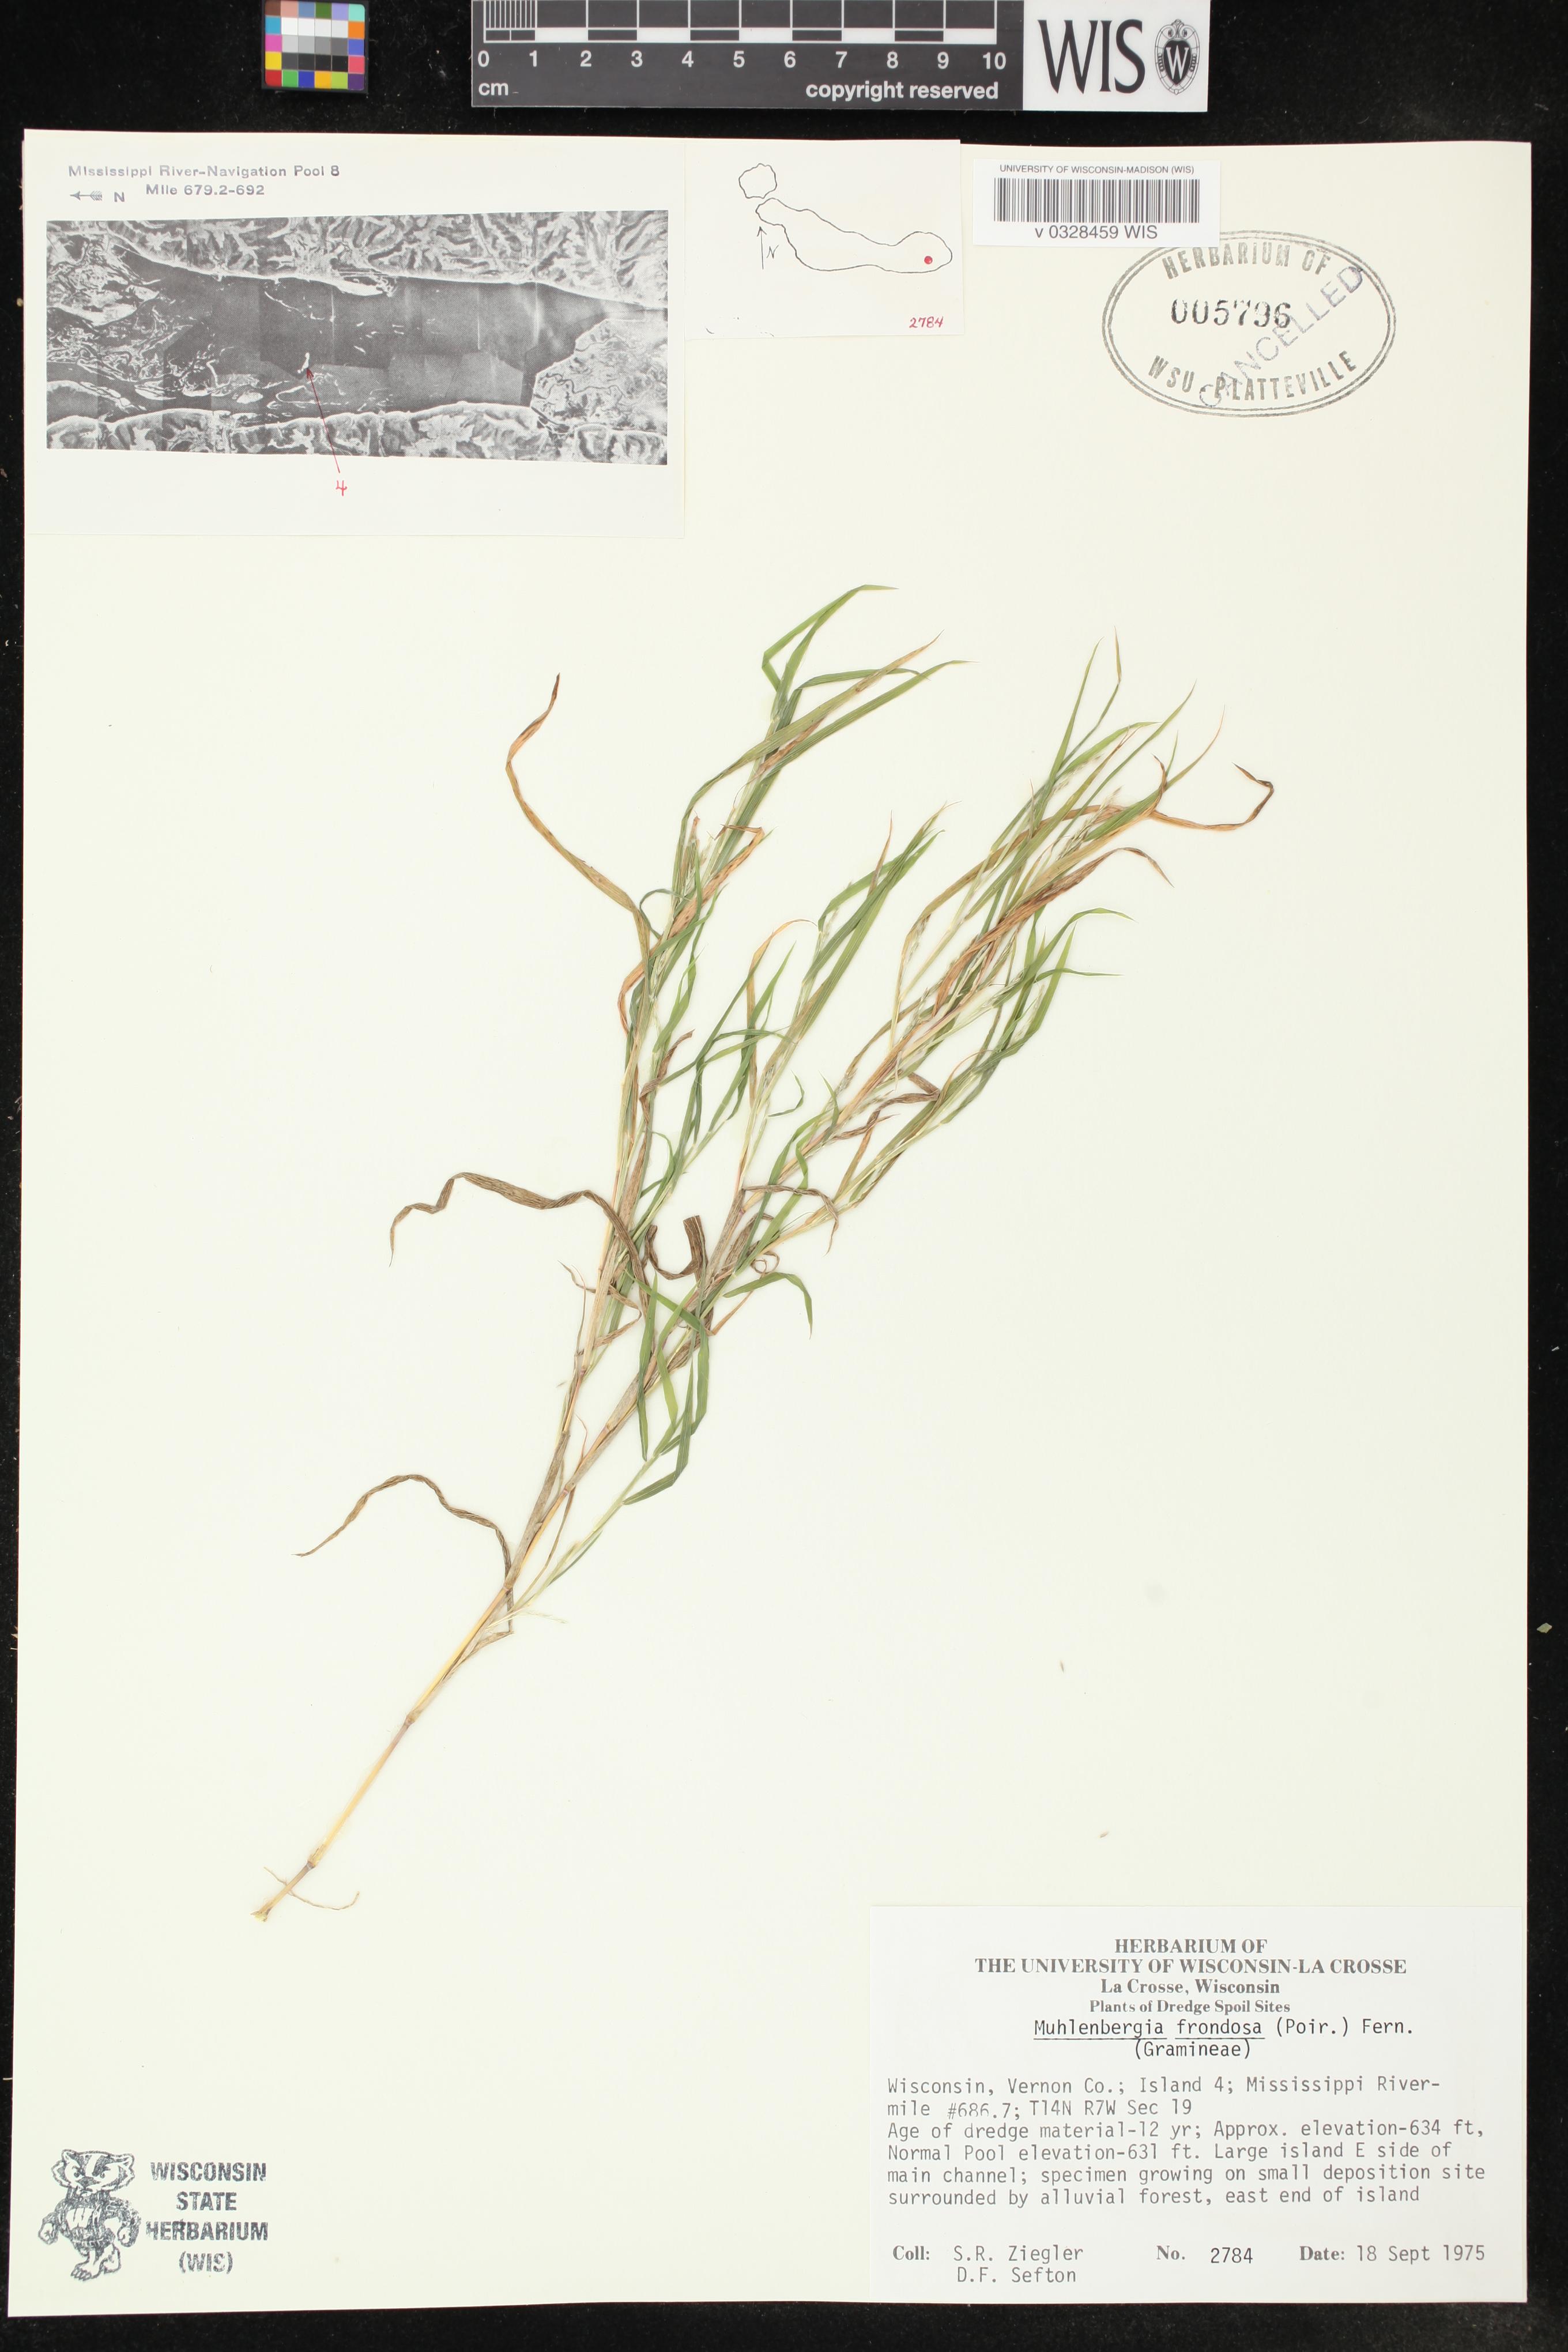 Image of Muhlenbergia frondosa